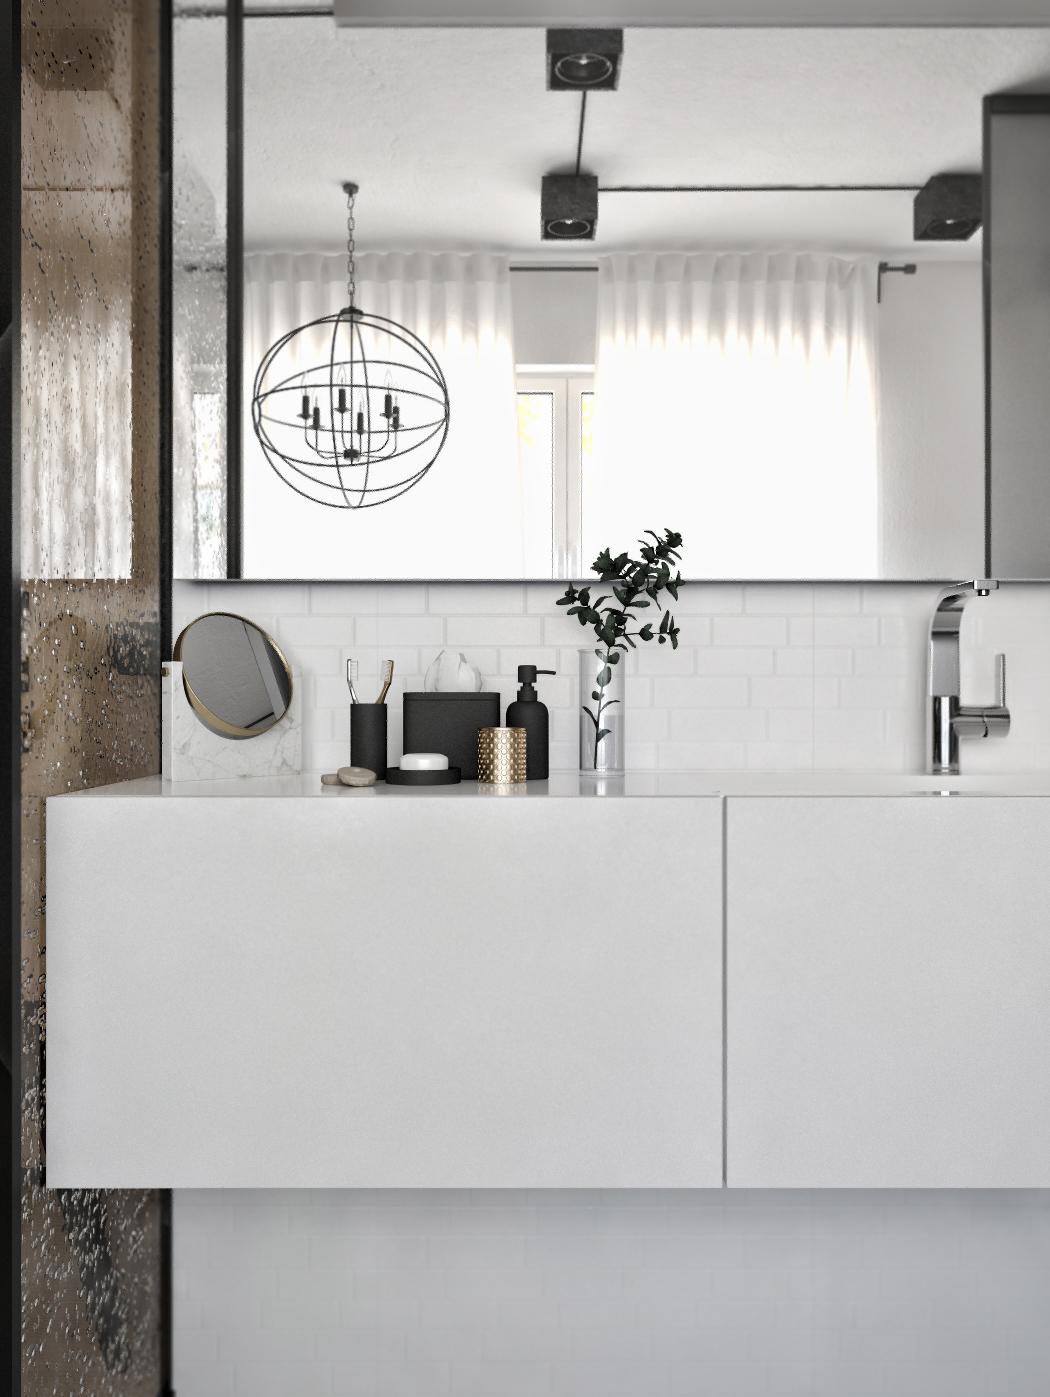 Badkamers voorbeelden » Moderne badkamers voorbeelden